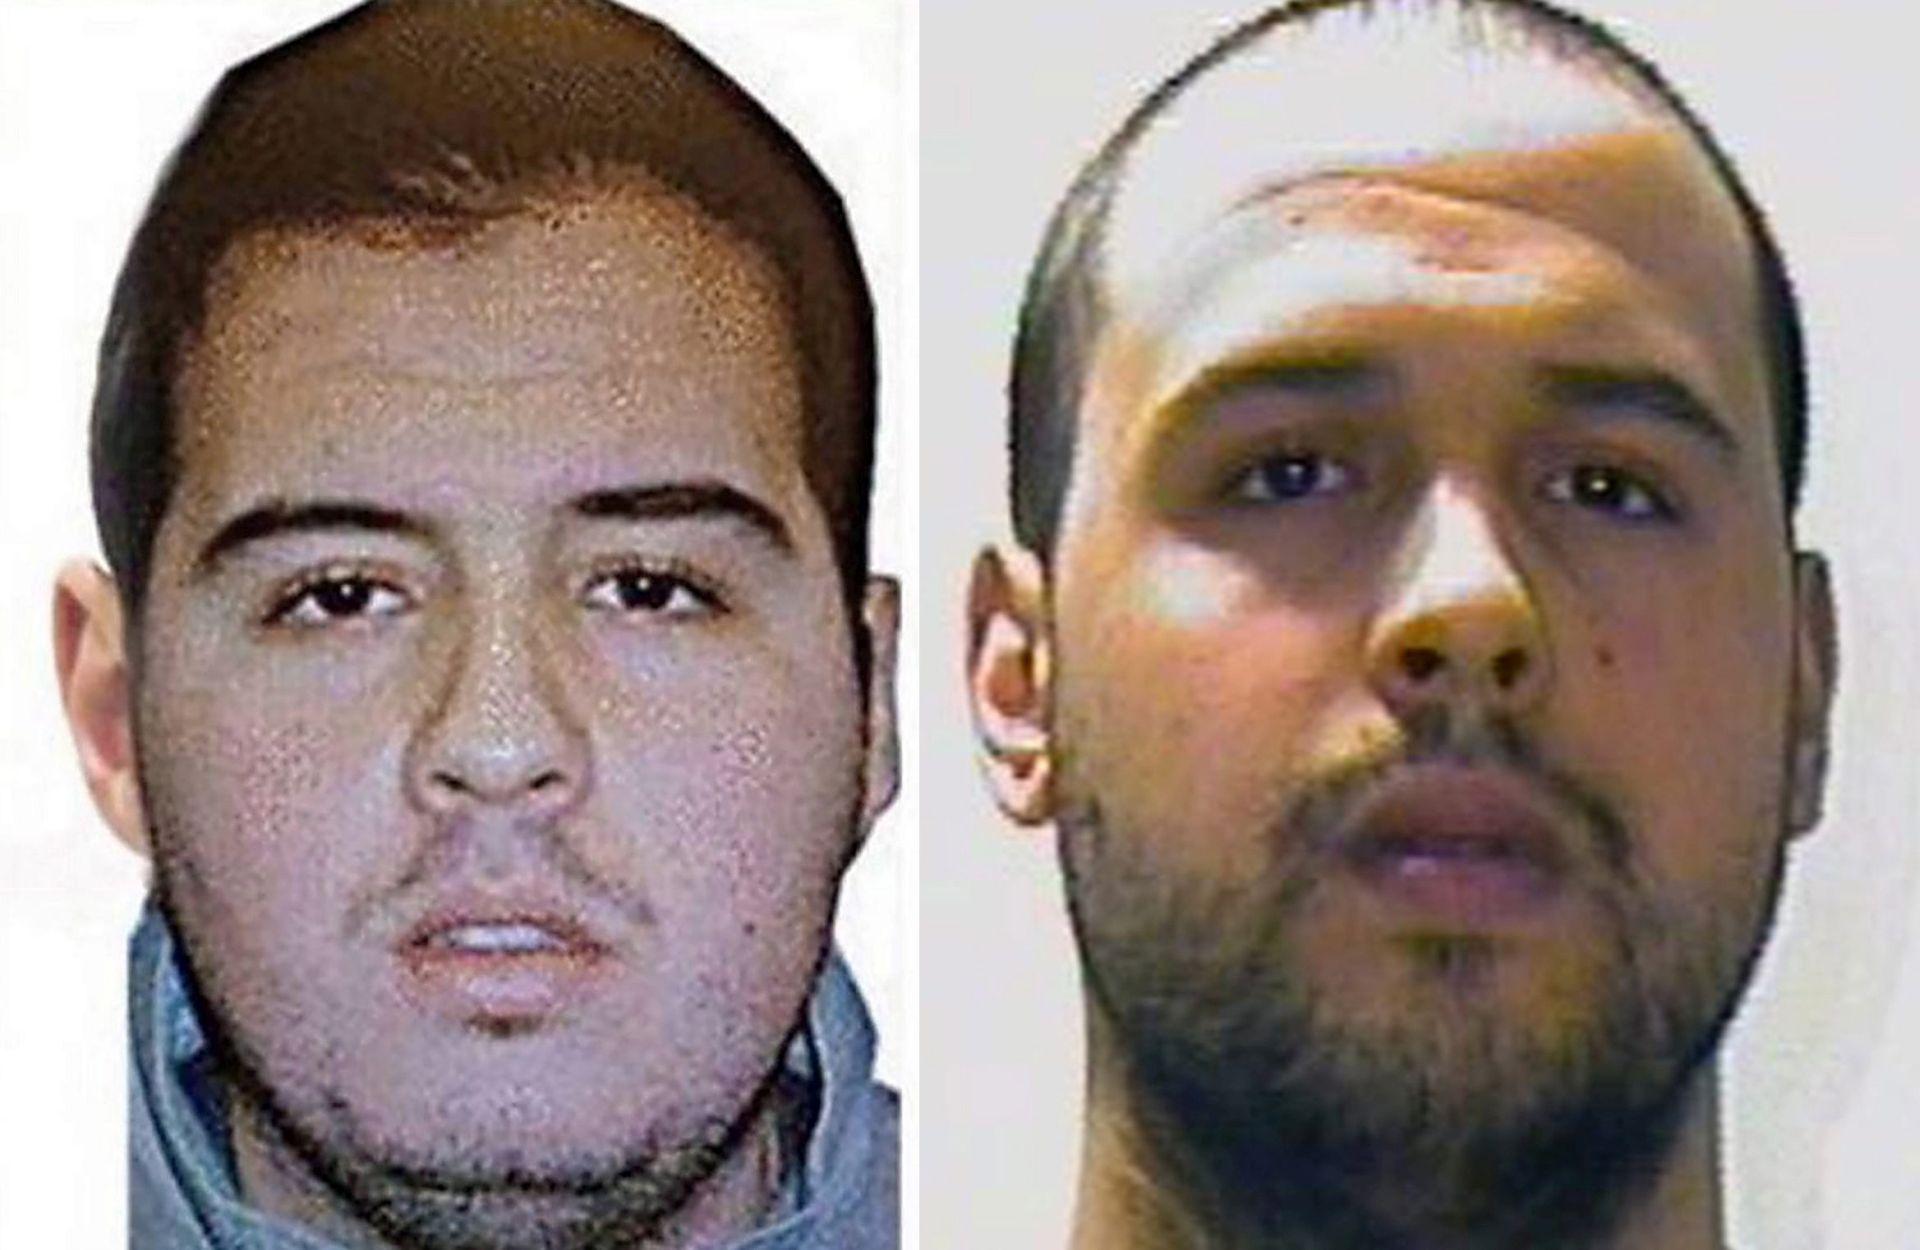 BELGIJA PRIZNALA 'GREŠKU' S JEDNIM OD NAPADAČA Američki dužnosnici: Braća su bila na listi terorista